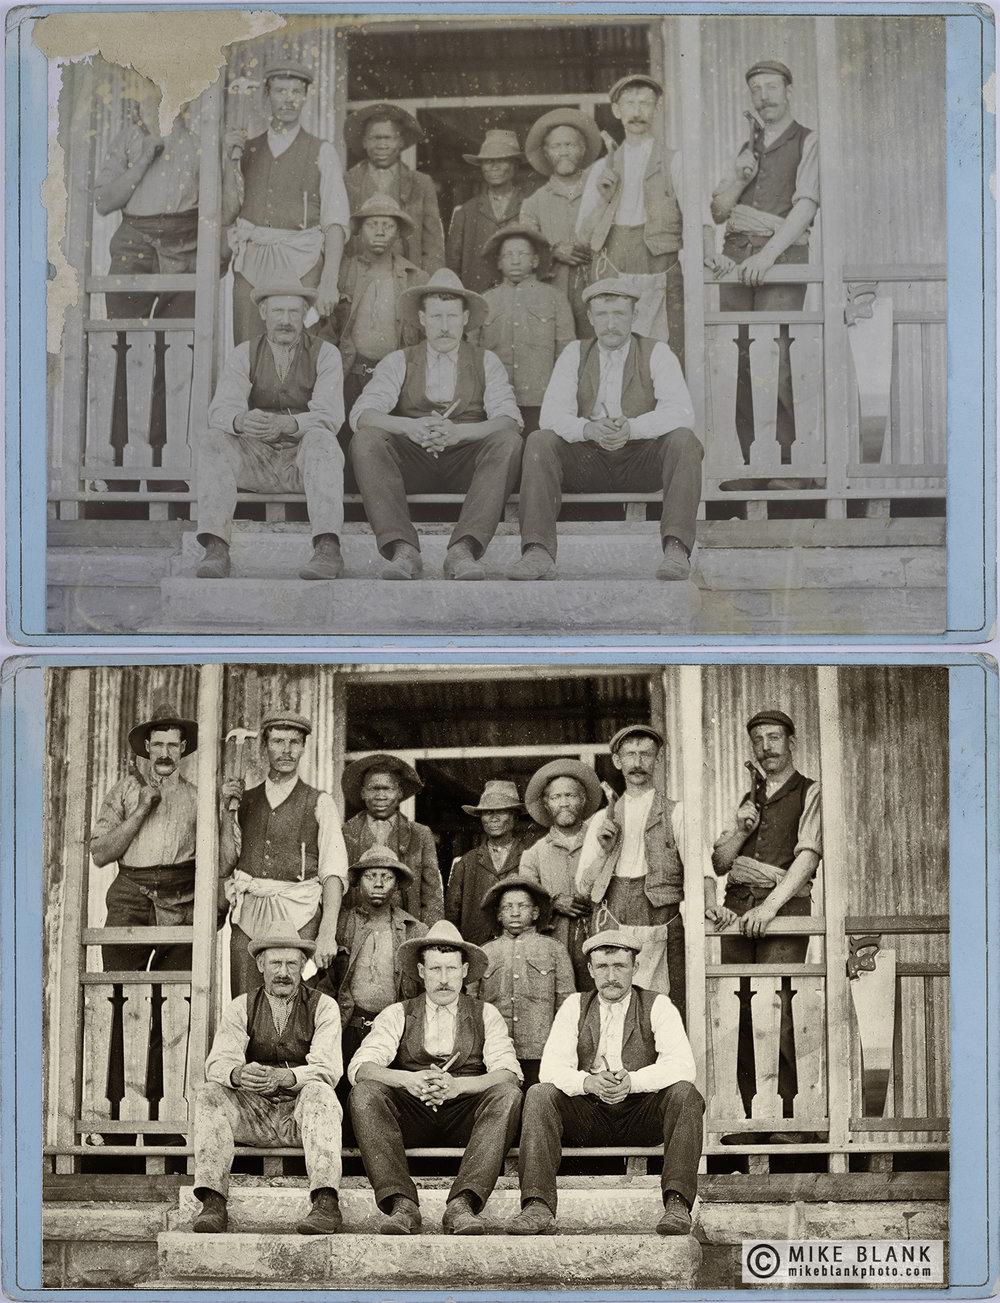 Digital restoration: USA 1880s (?)